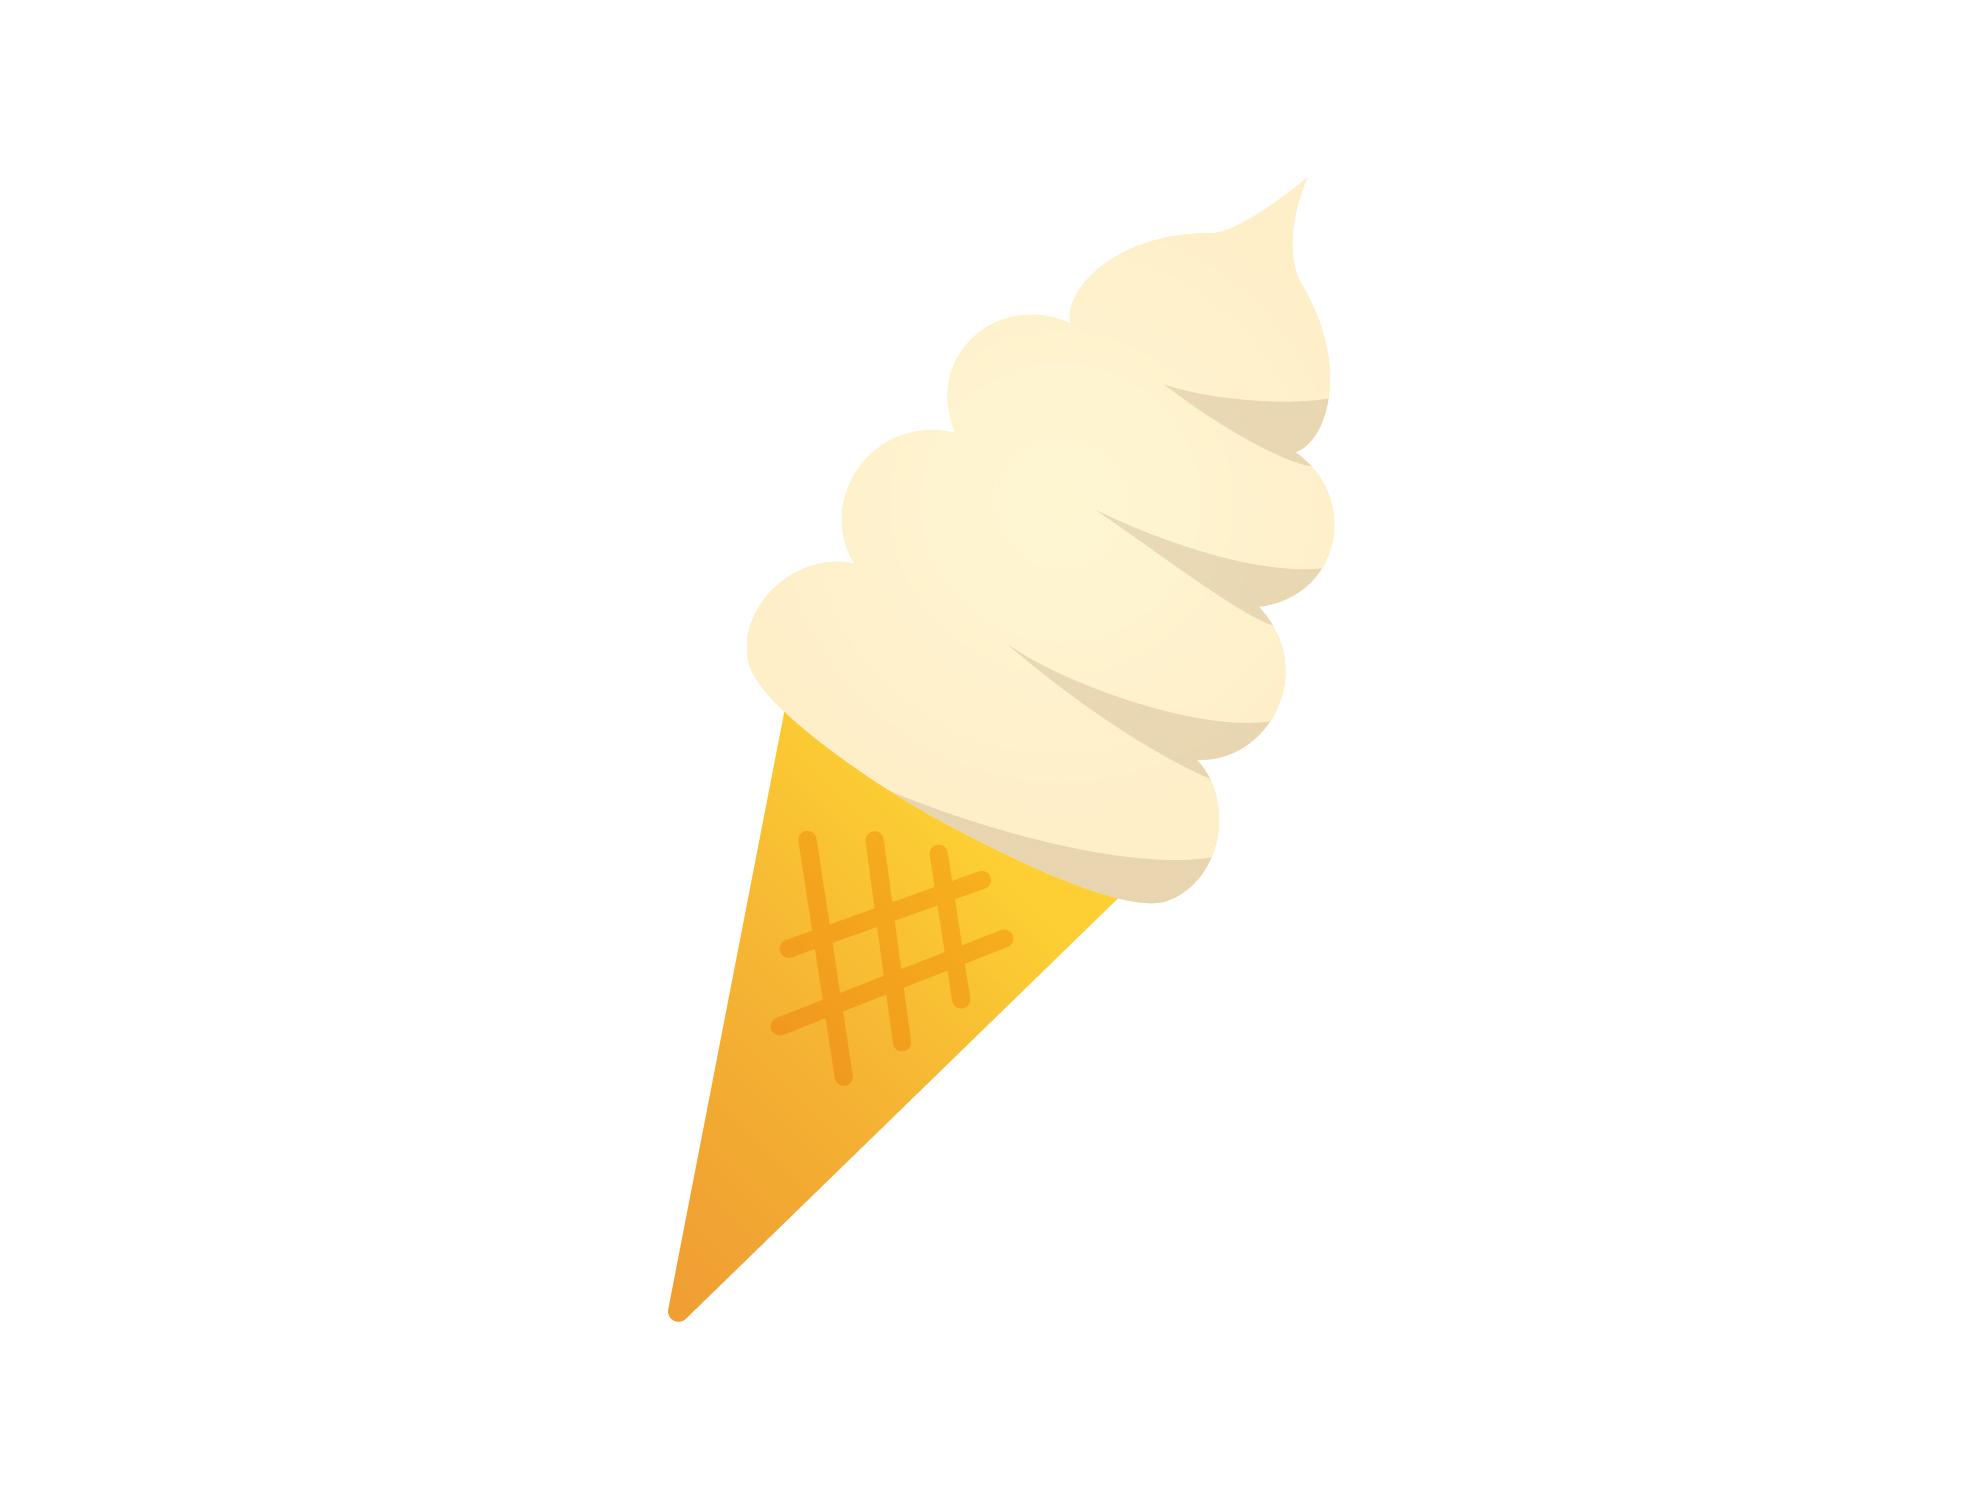 ほうじ茶ソフトクリームの見た目ヤバすぎだろwwwwwww